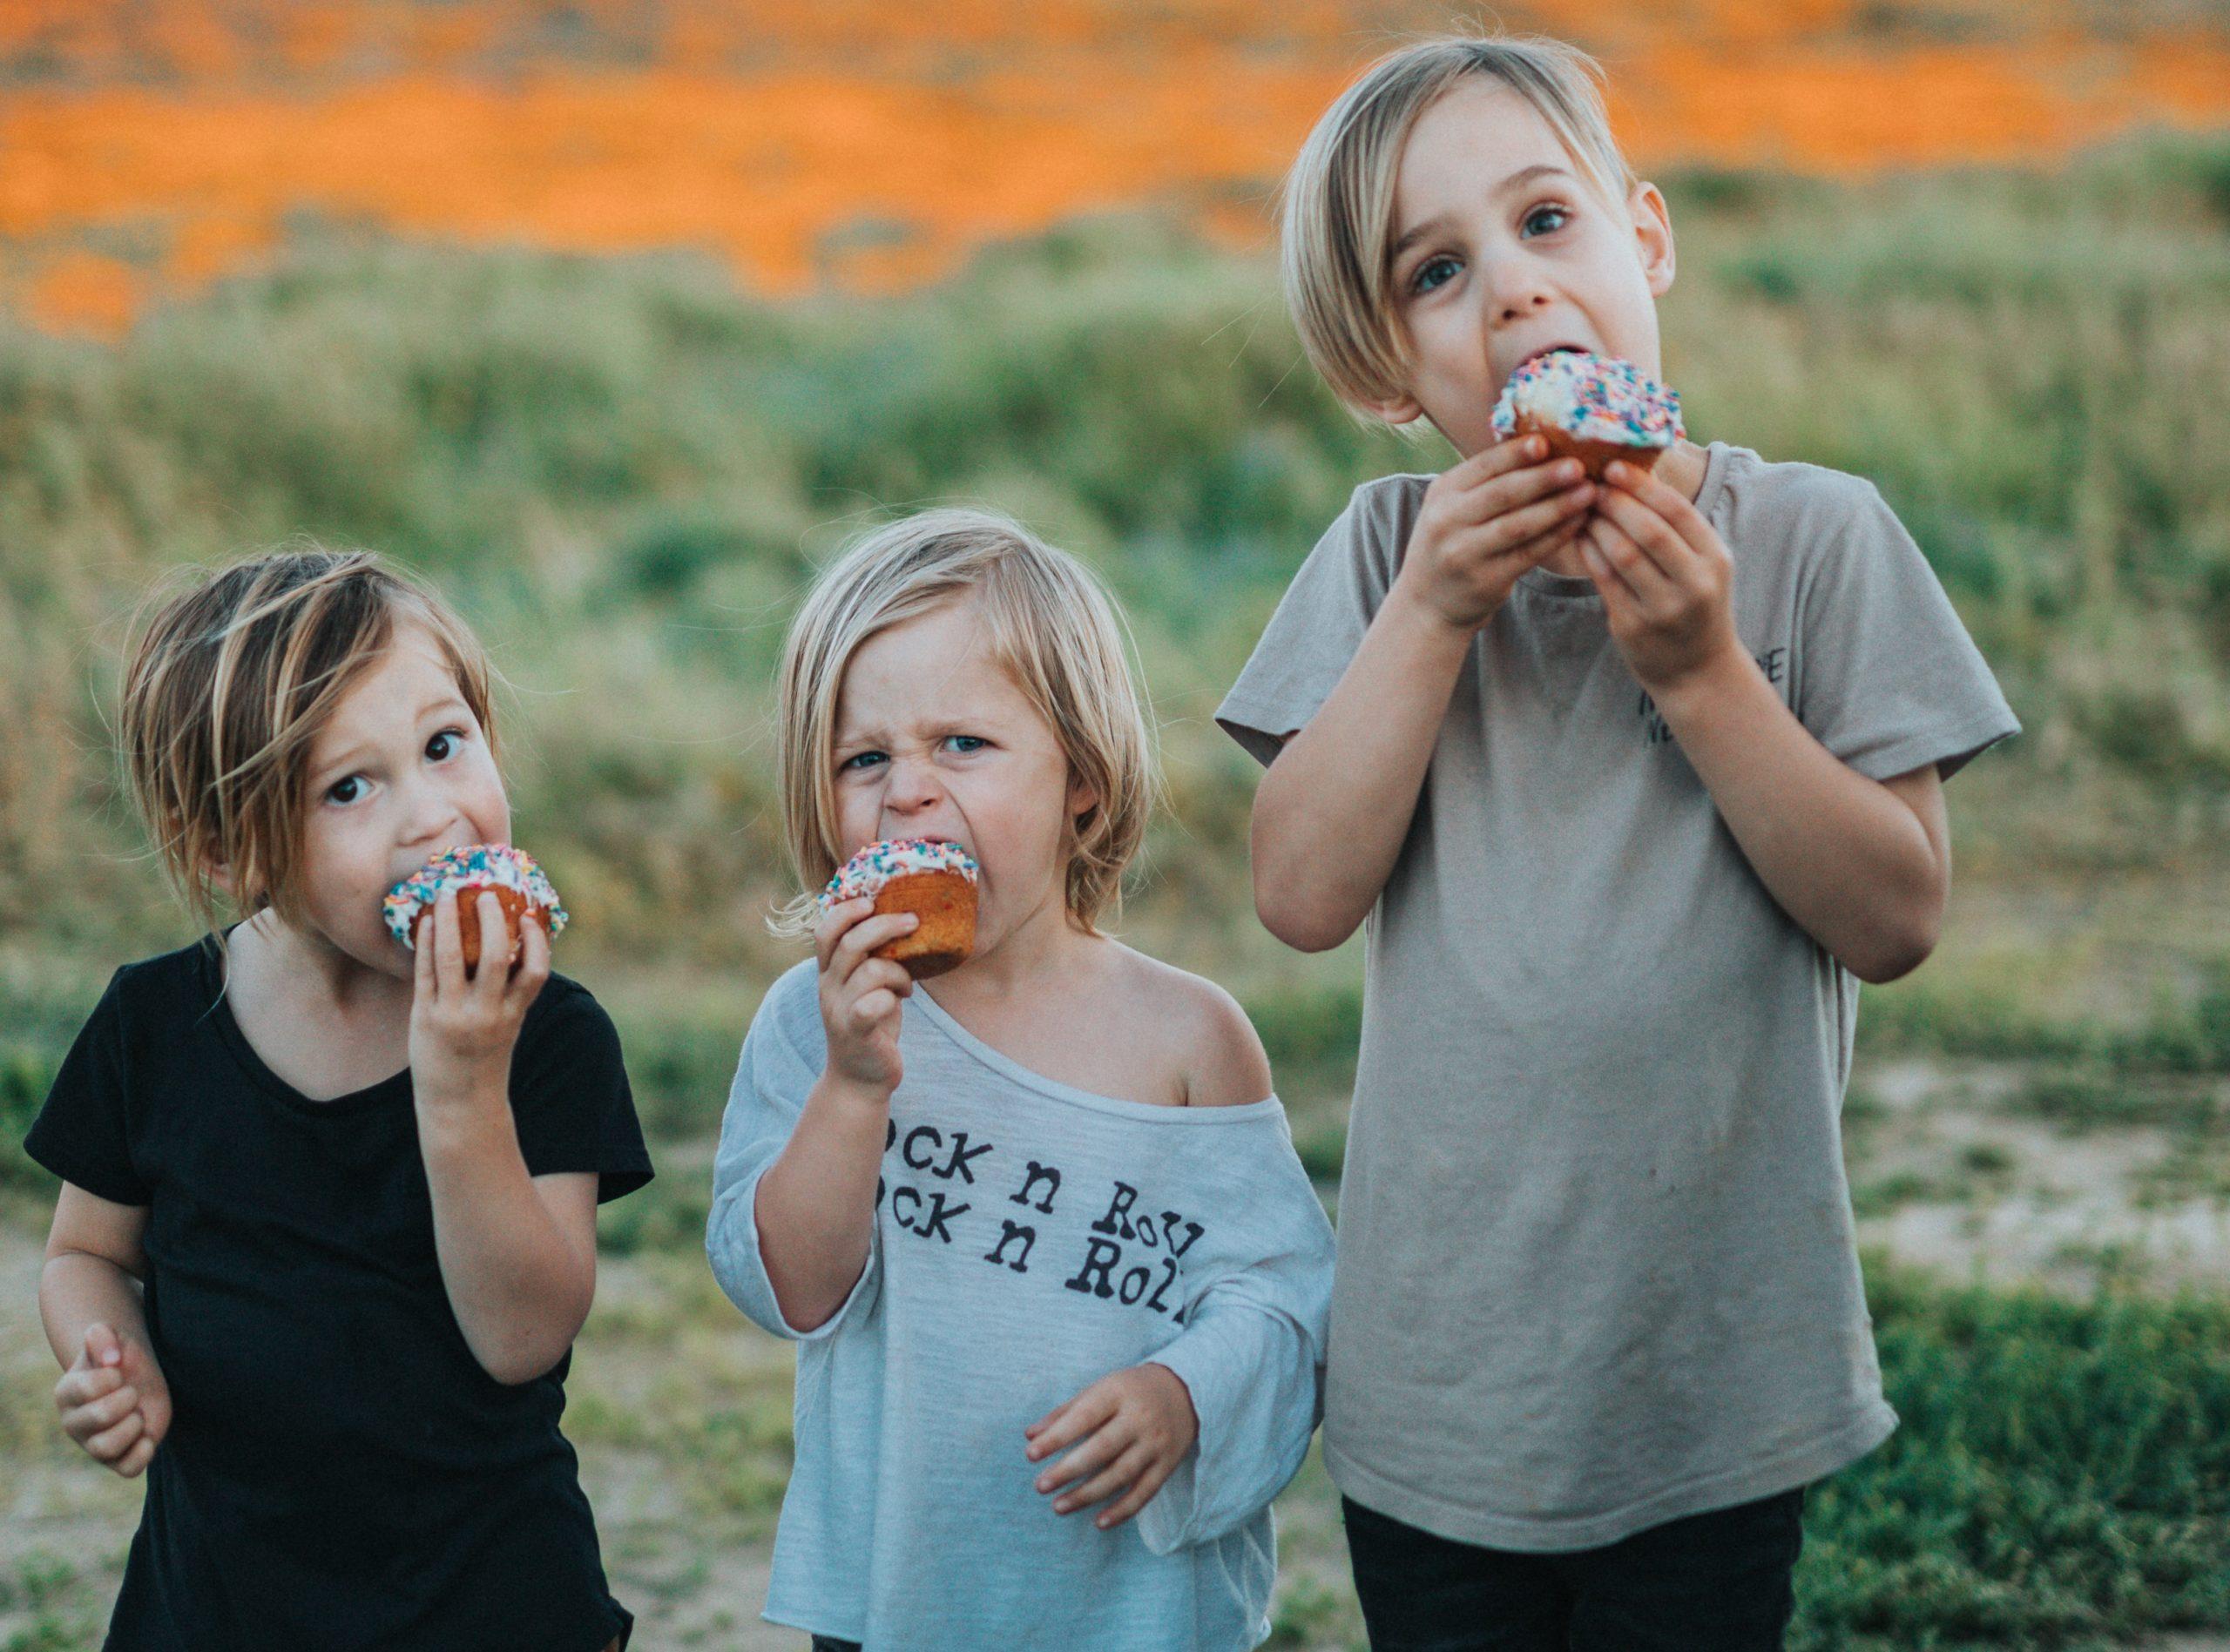 Rodiče mají jednoznačně ve svých rukou pravomoc rozhodovat o tom, co děti jedí, i když jsou samy doma. Nemůžeme po dětech chtít, aby si vybraly něco zdravého, když mají k dispozici hromadu nezdravých věcí.